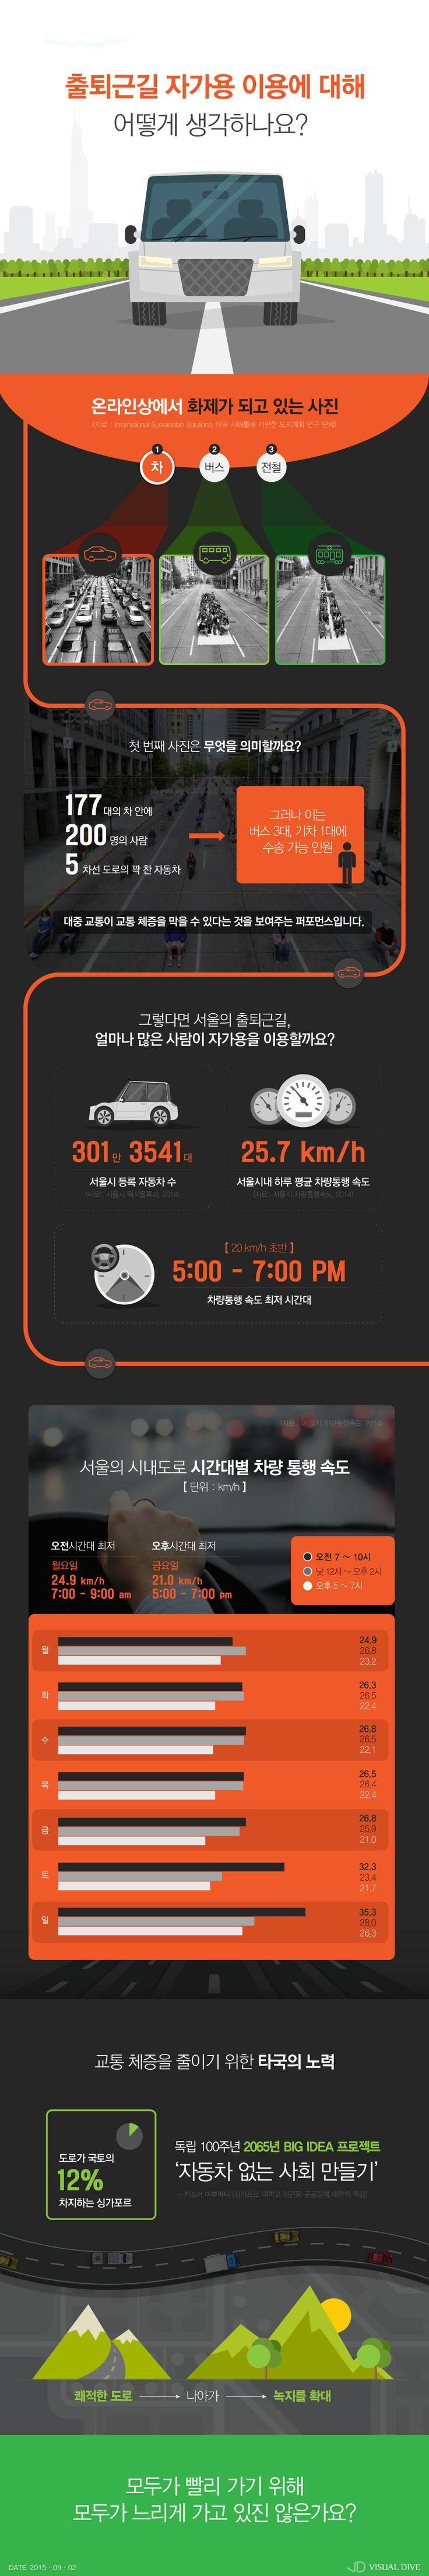 서울시 출퇴근길 차량 통행 속도 최저, 해결방안은? [인포그래픽] #Speed / #Infographic ⓒ 비주얼다이브 무단 복사·전재·재배포…